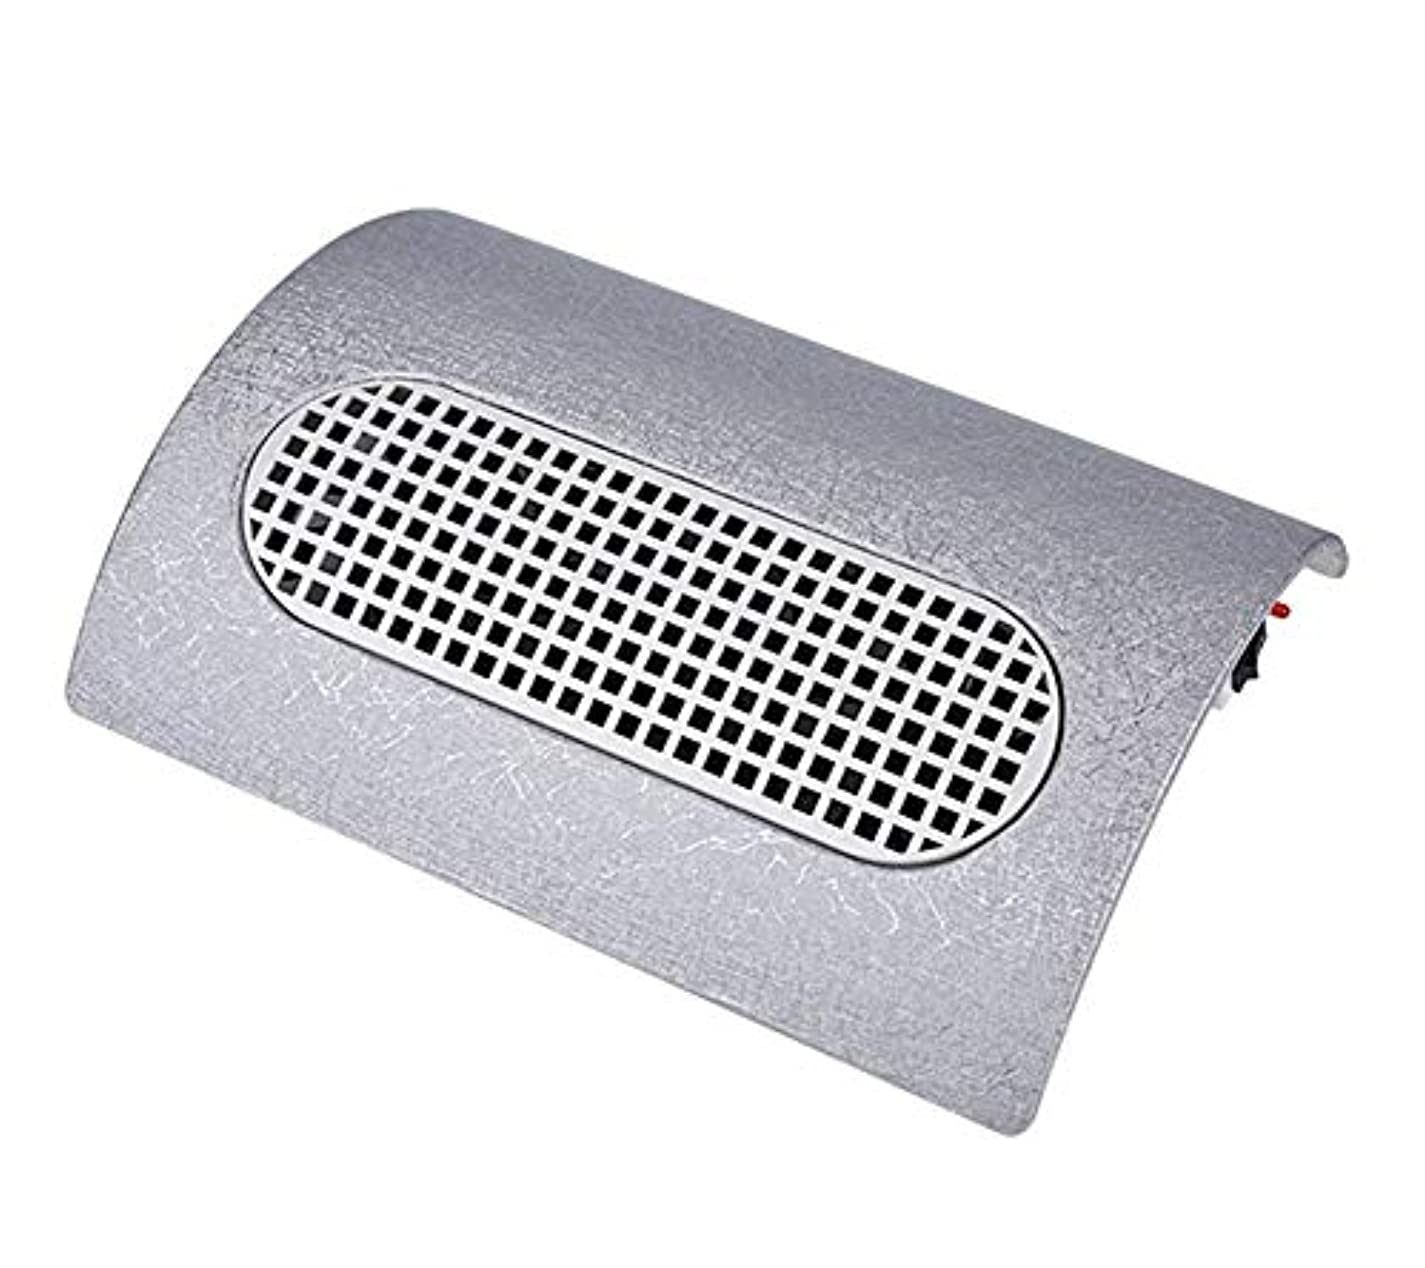 姿勢無力発音するネイルアートダストサクションコレクターネイル掃除機強力な3ファンクリーナーマニキュアツール2個取り替えダストCollectingbags